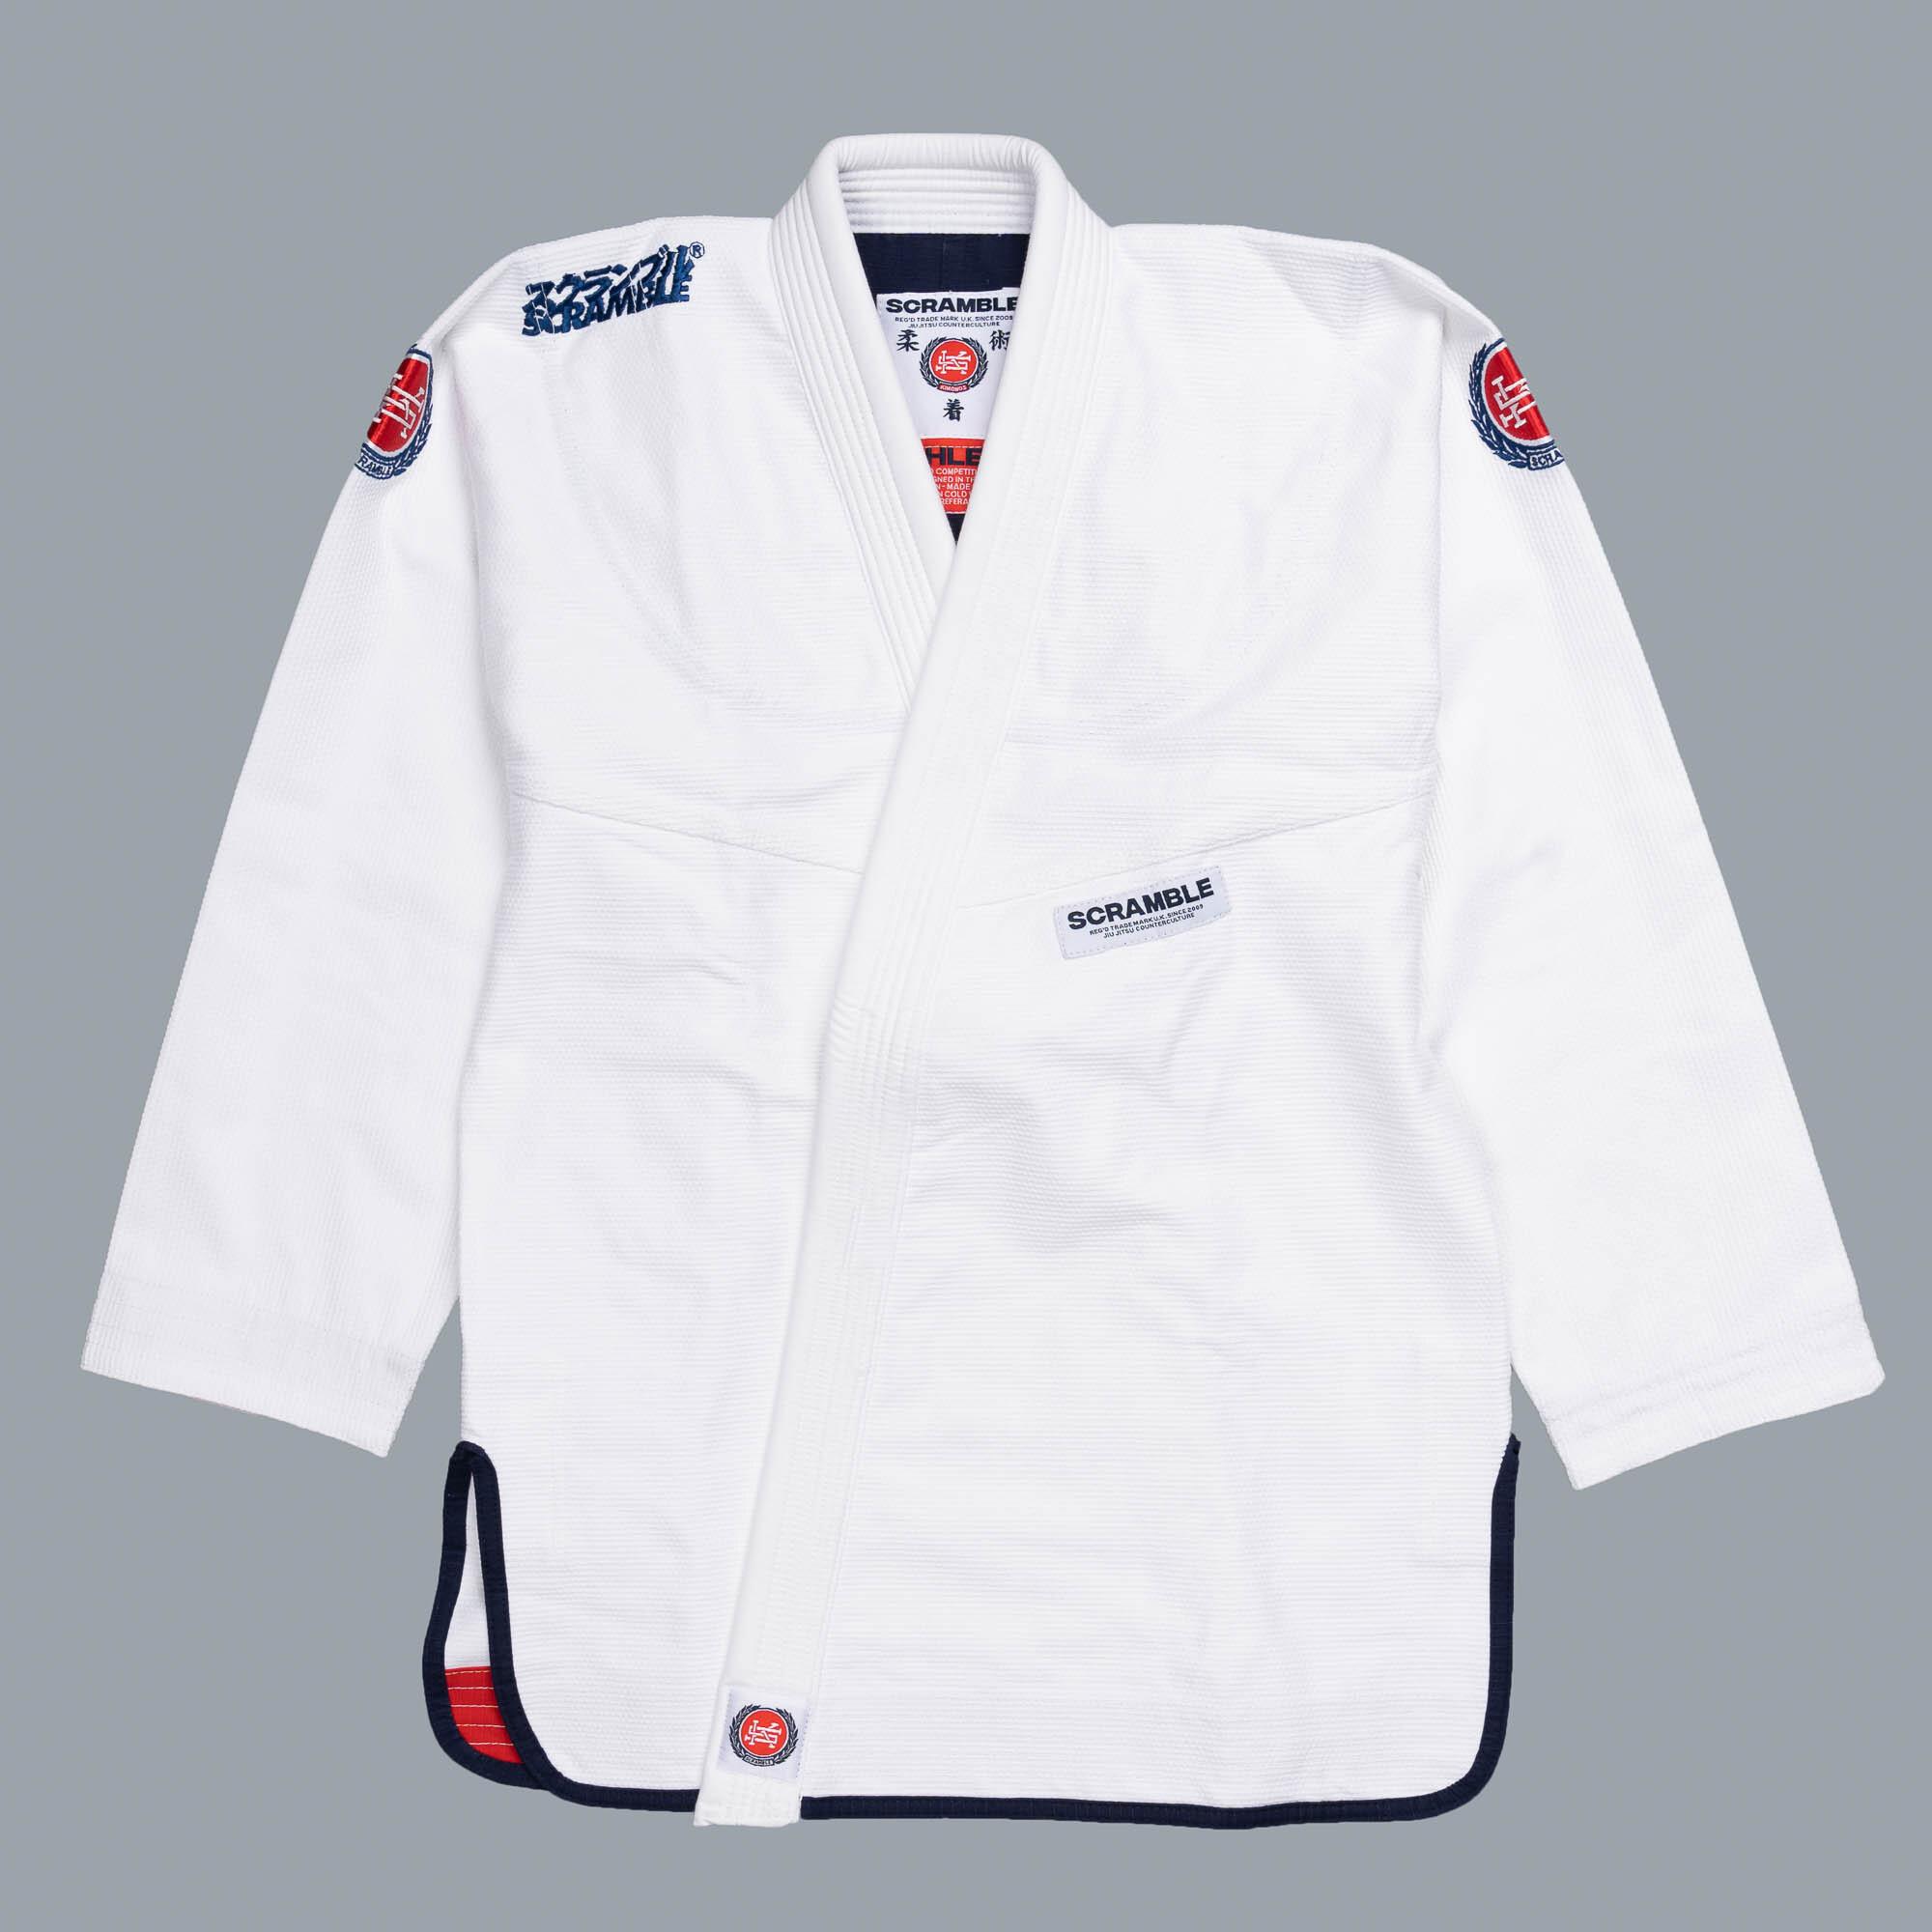 予約注文受付中です!!!  SCRAMBLE ATHLETE ホワイト ブラジリアン柔術衣